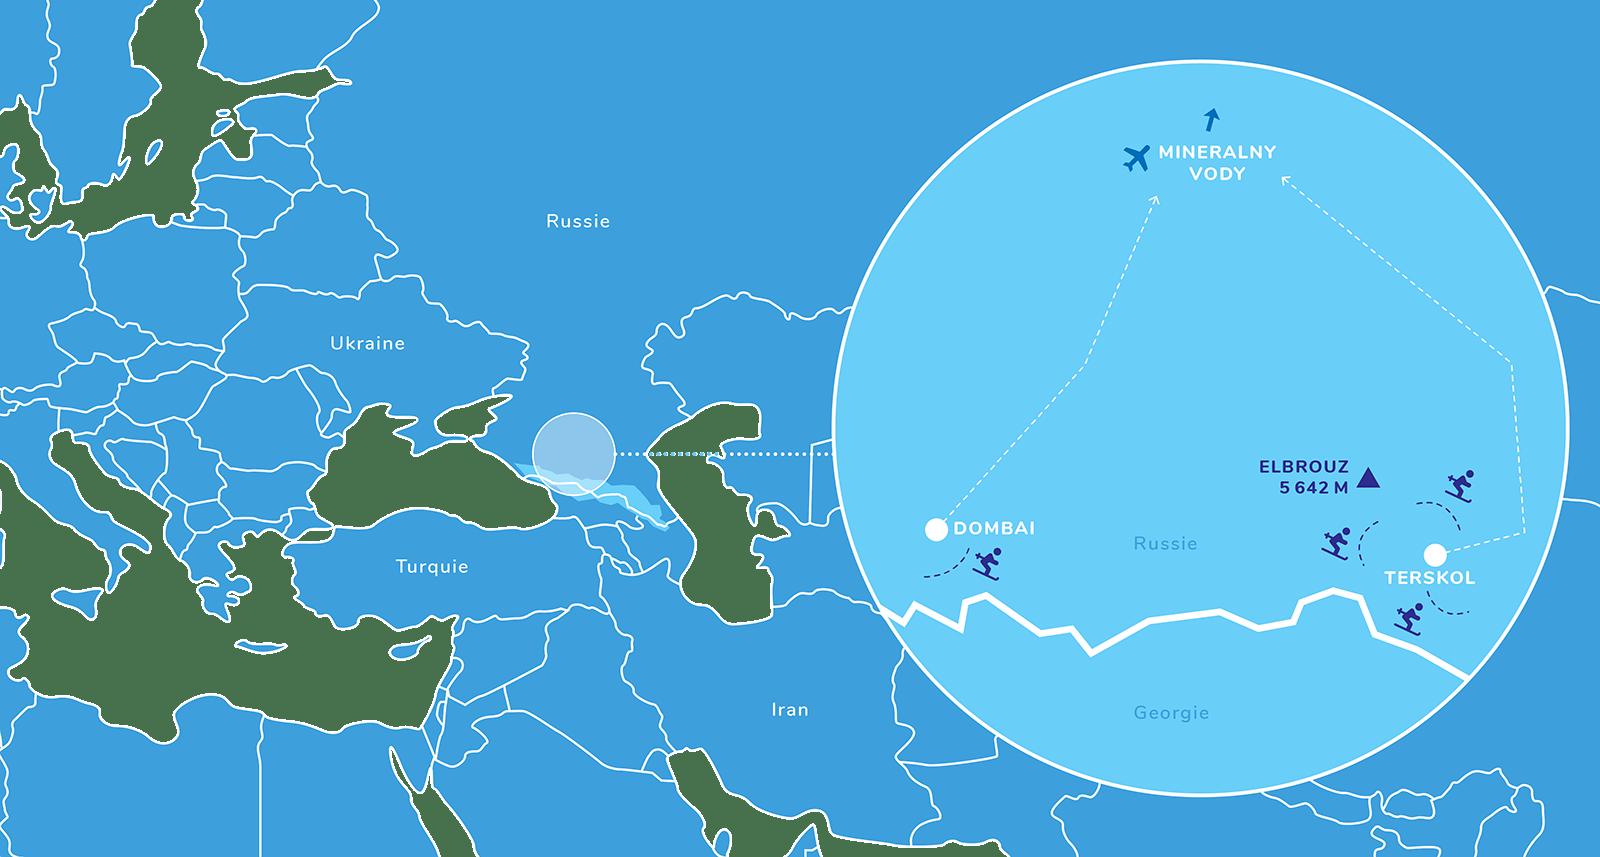 Ski_map_Caucasus-Russia